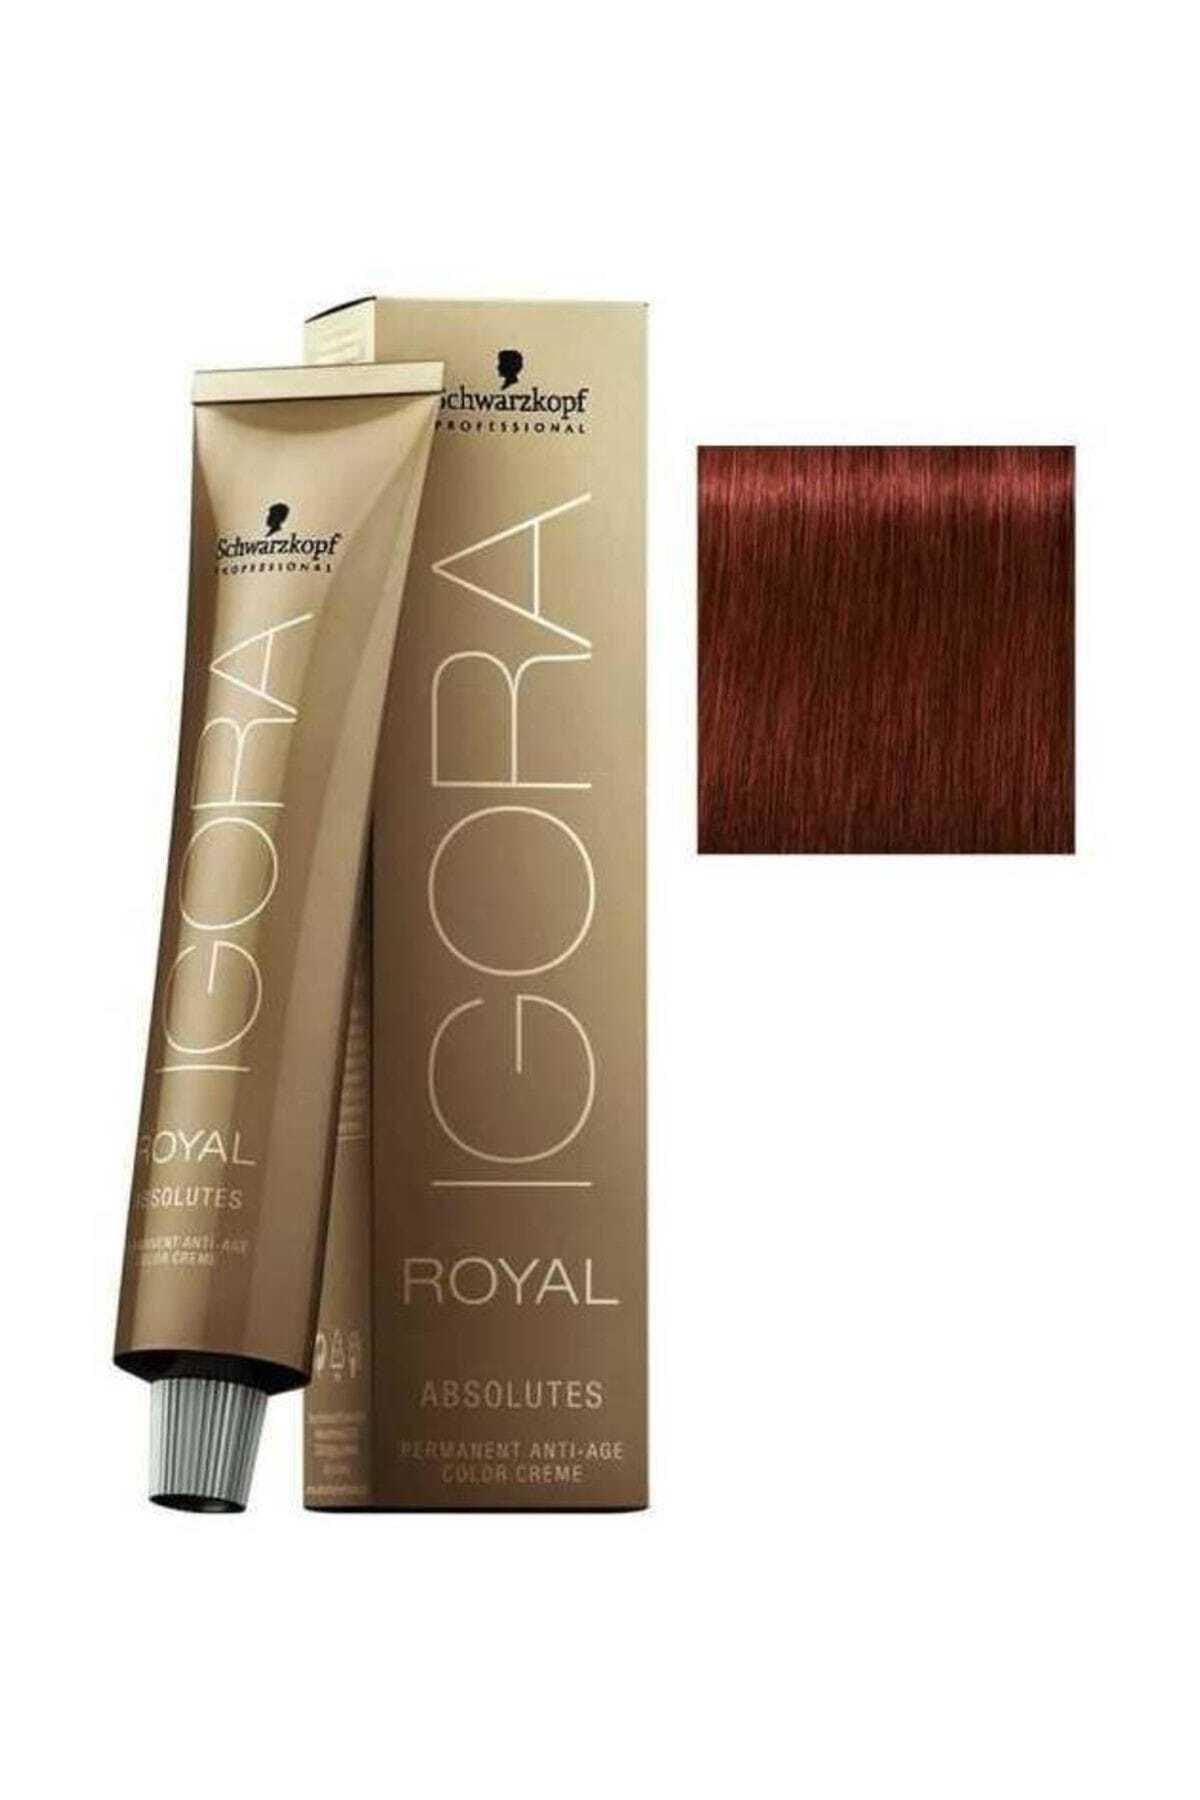 Igora Koyu Kumral Doğal Kızıl Igora Royal Absolutes Saç Boyası 6-80 60 ml 4045787282474 1